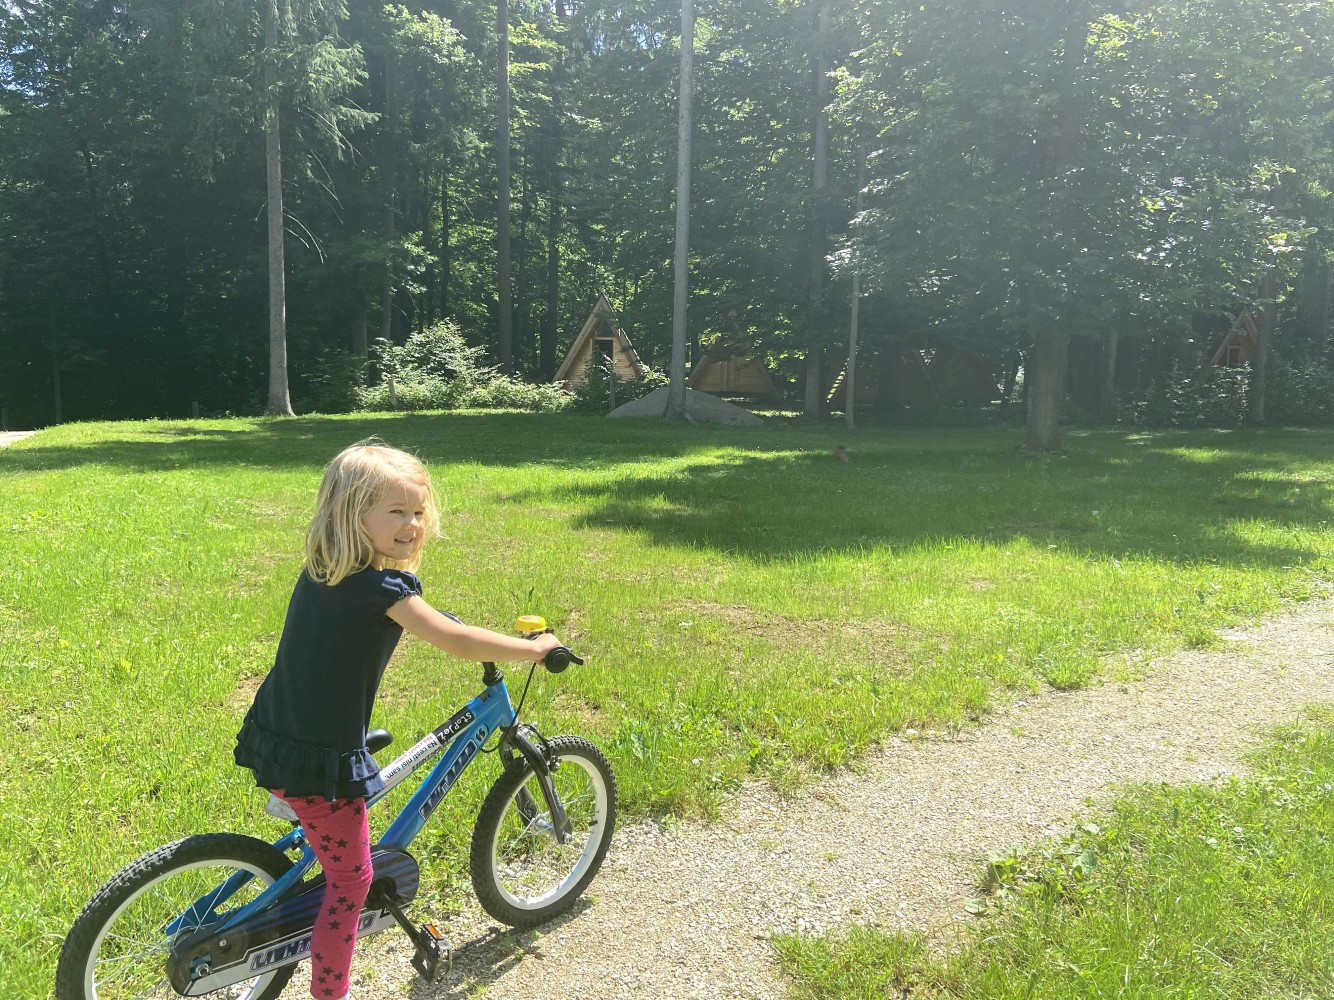 Športne aktivnosti v objemu narave